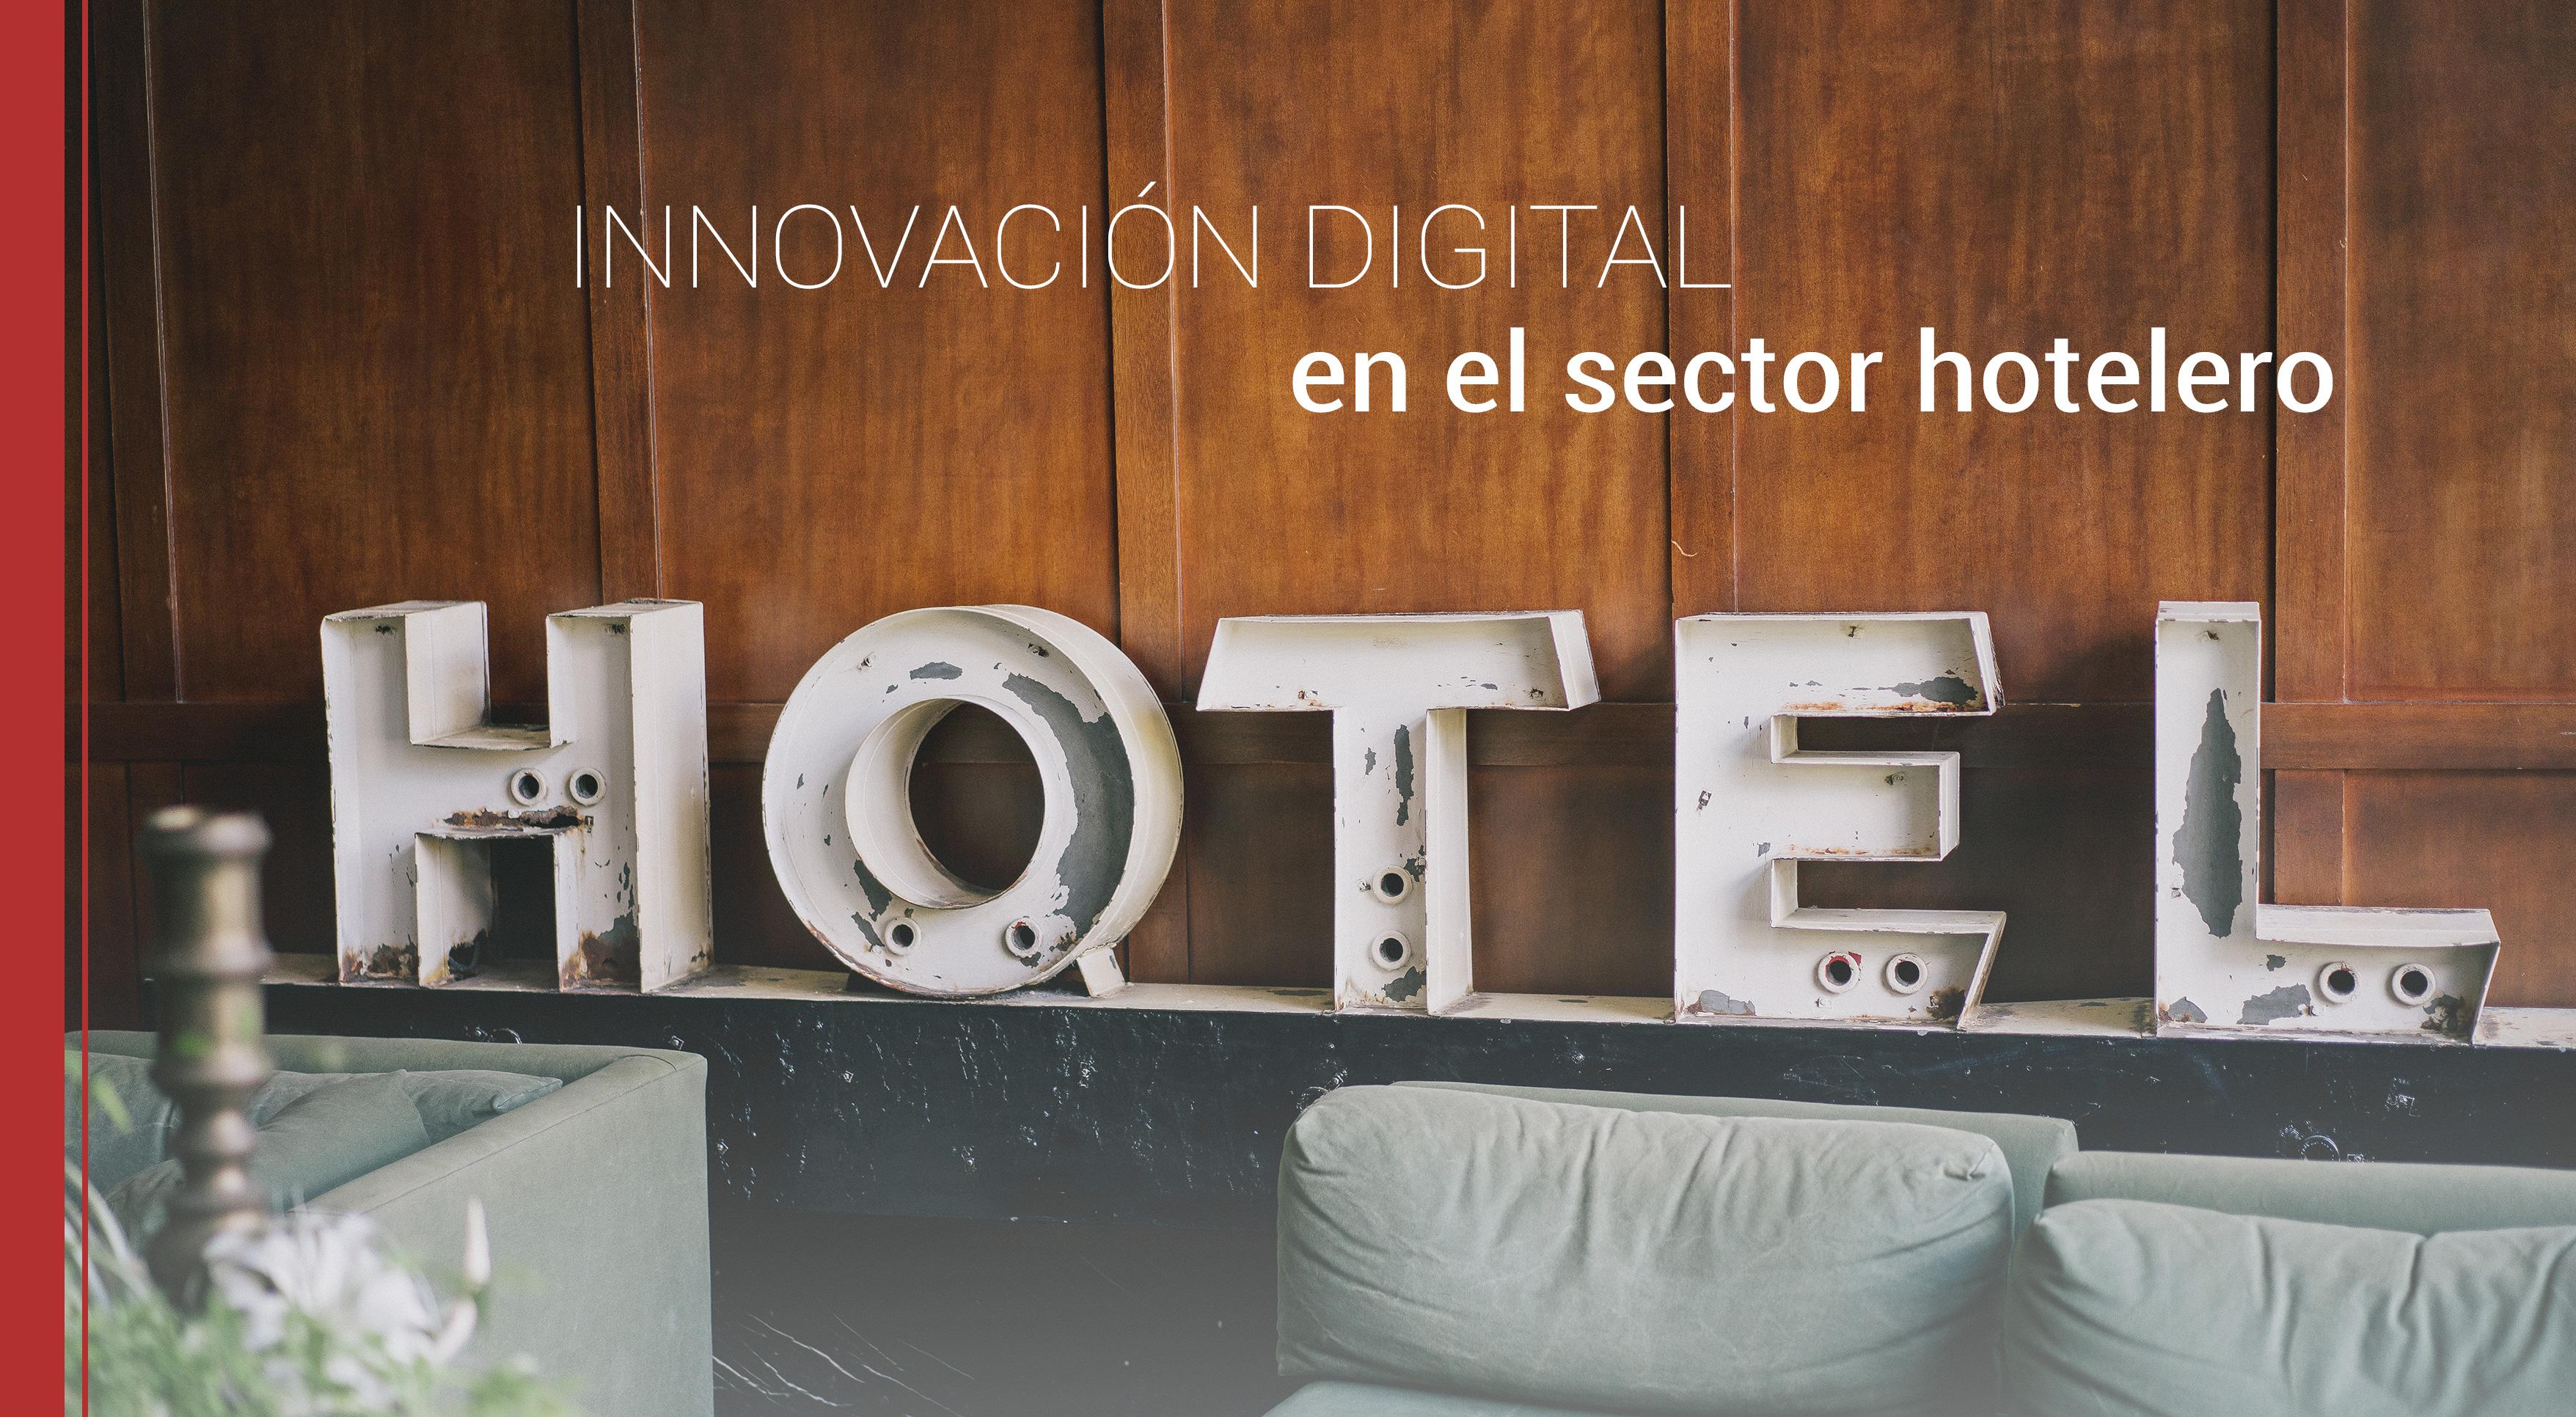 la innovacion digital en el sector hotelero